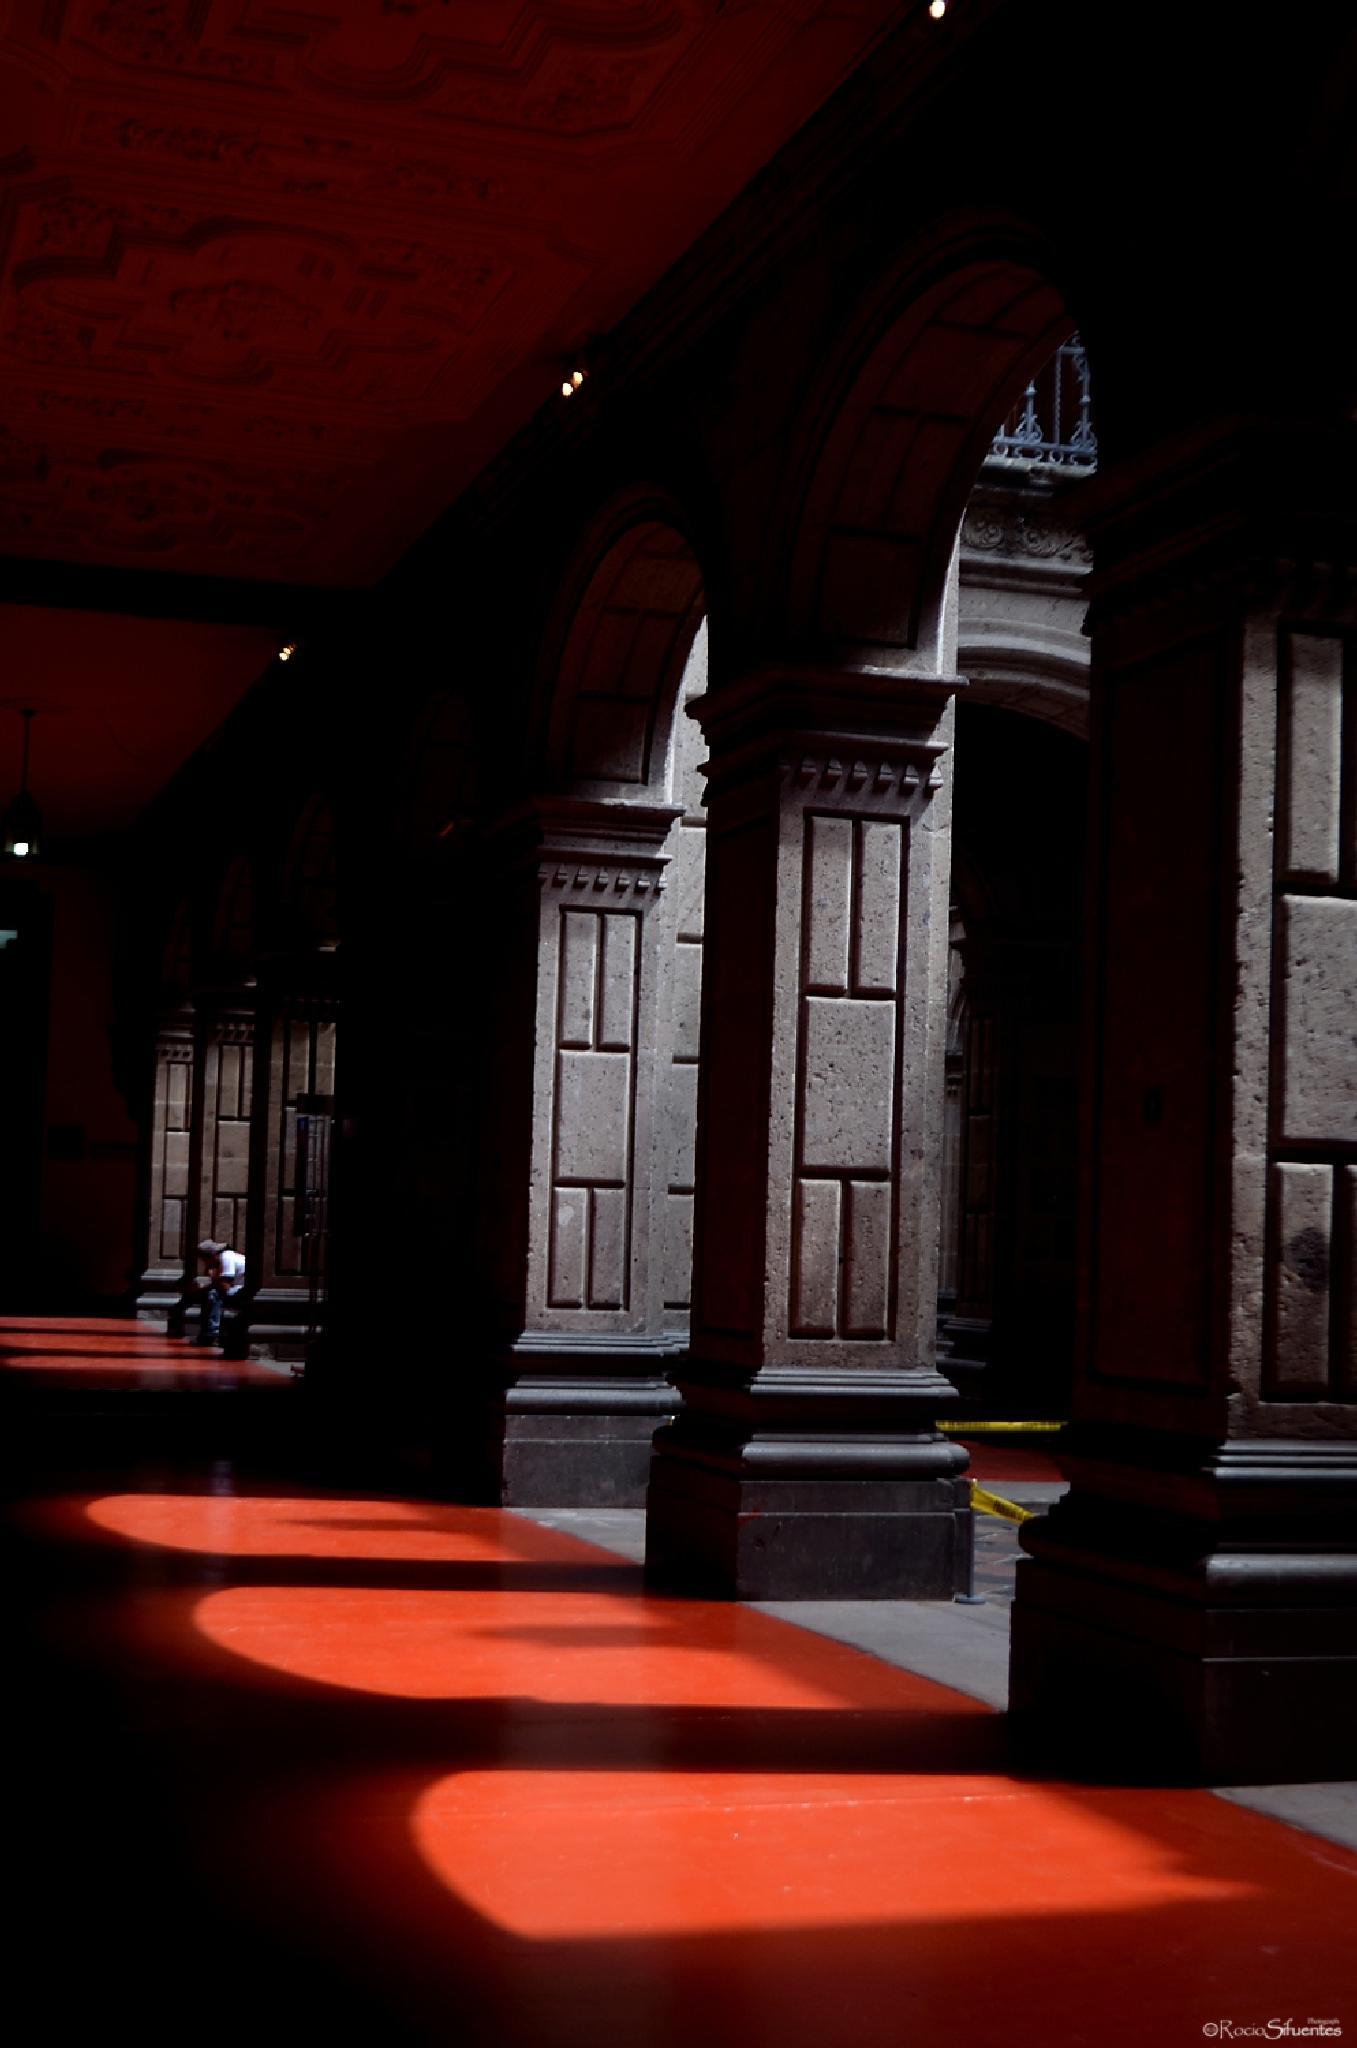 Pasillos de luz by Rocio Sifuentes Orozco